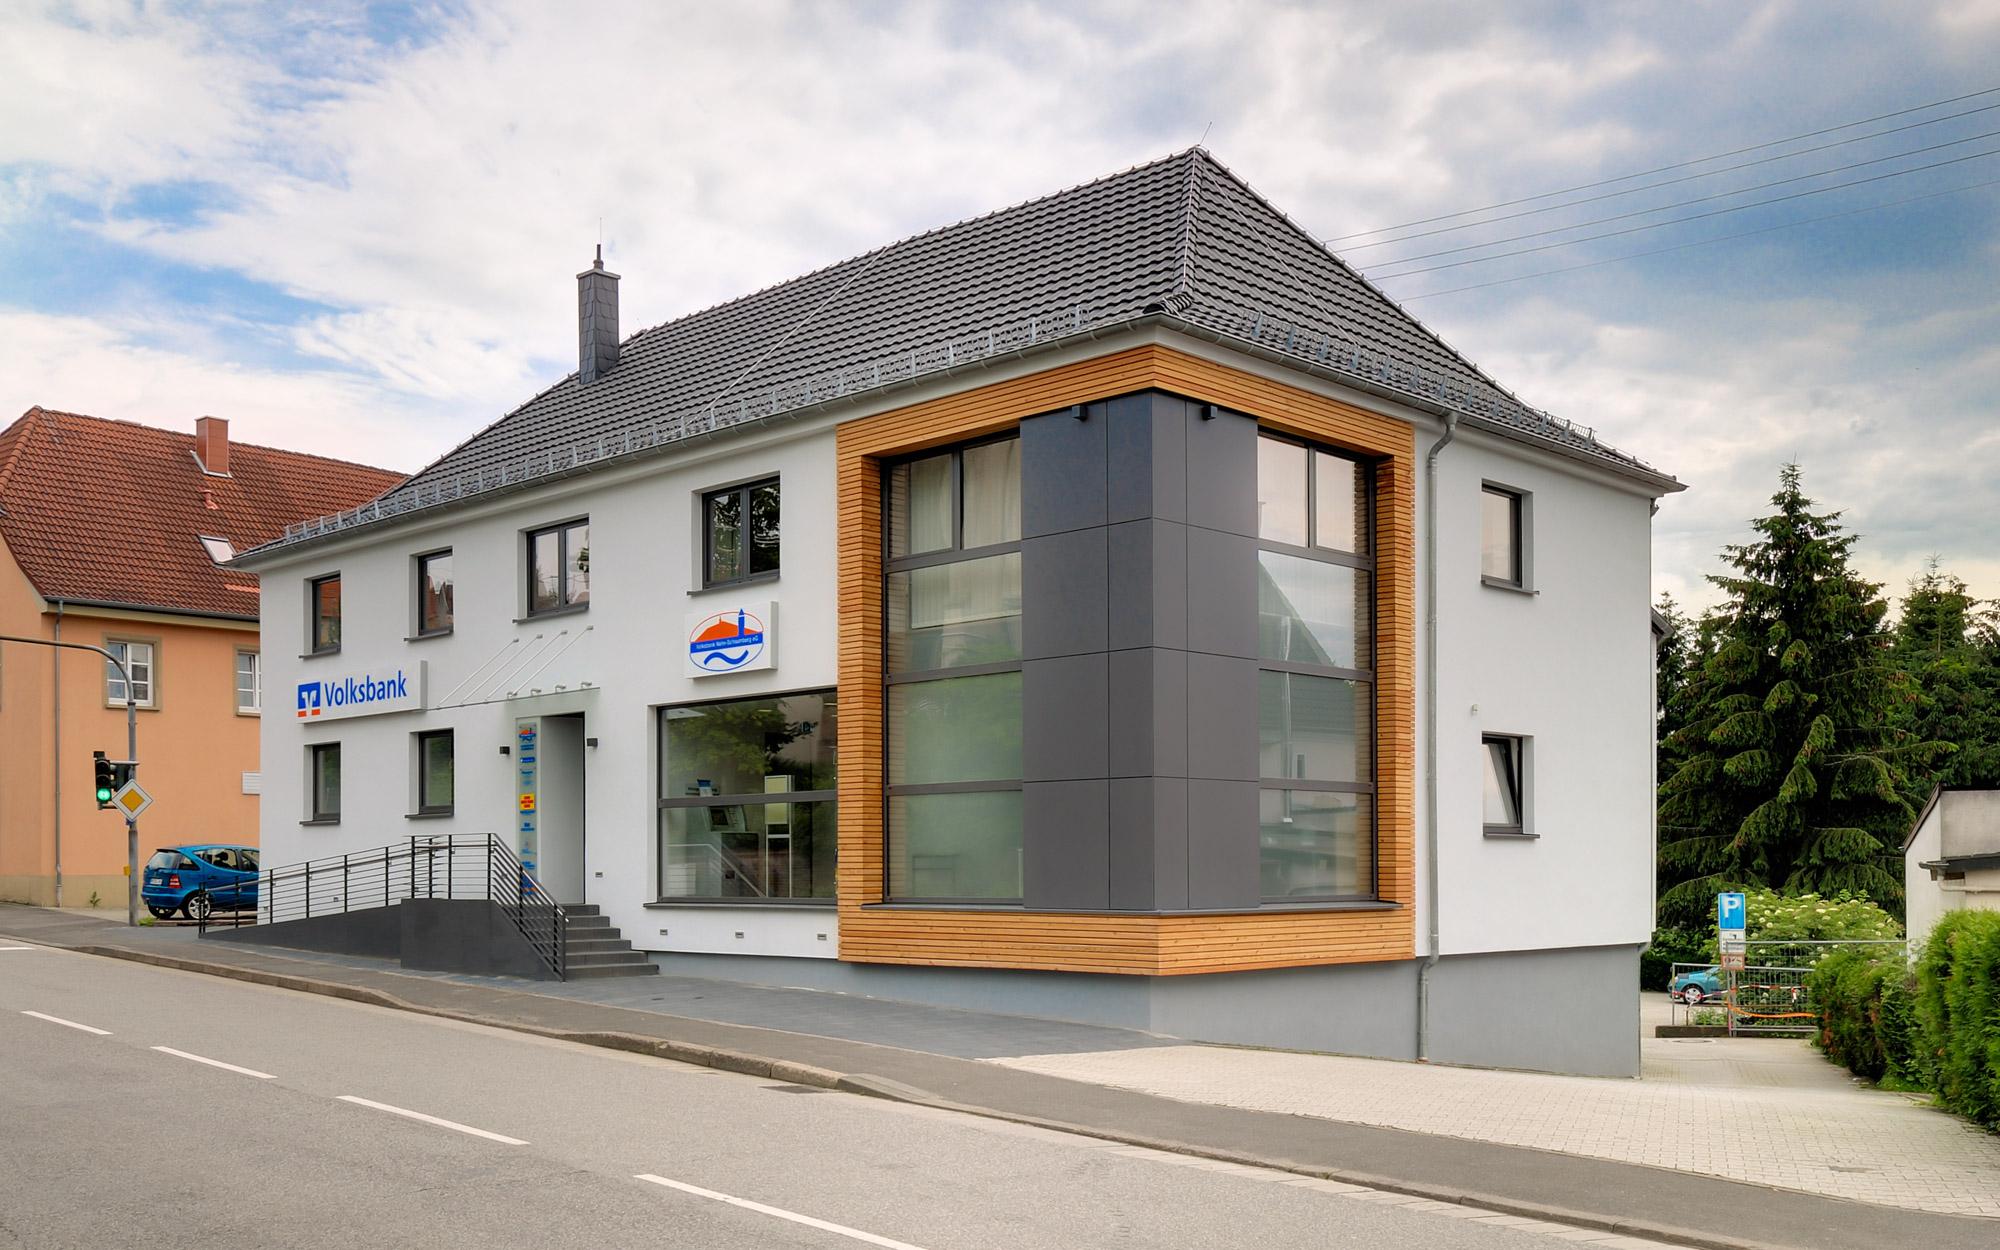 Volksbank Nahe Schaumberg Modernisierung